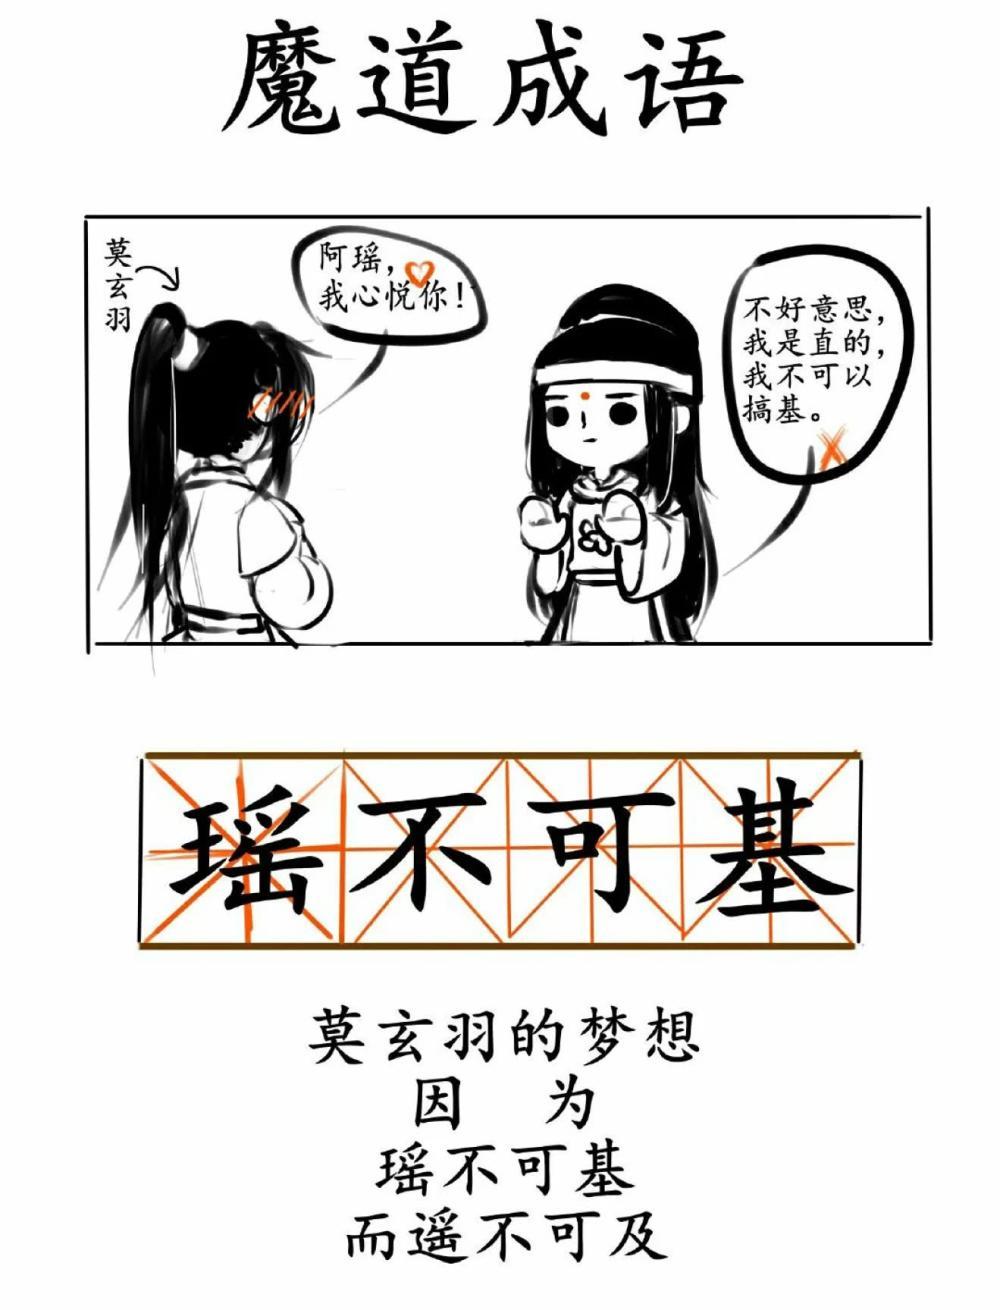 魔讲祖师:魔讲祖师中的成语,义无反顾蓝记机,瑶弗成及金光瑶!